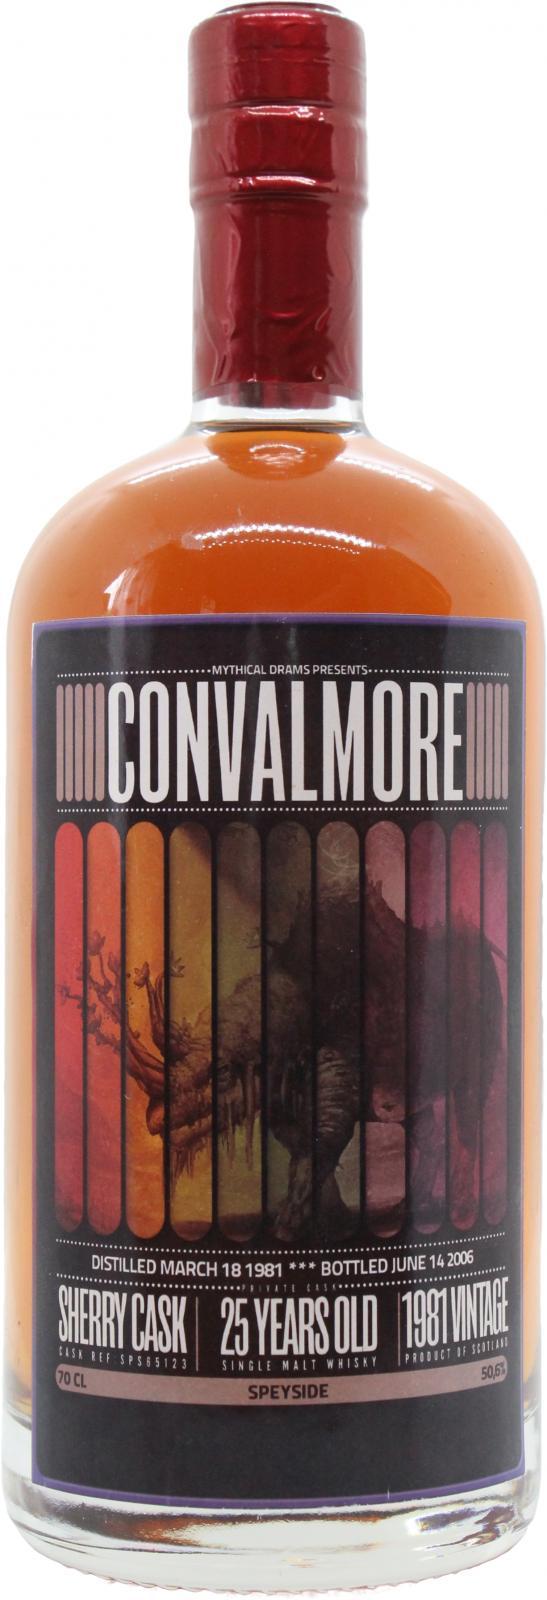 Convalmore 1981 UD